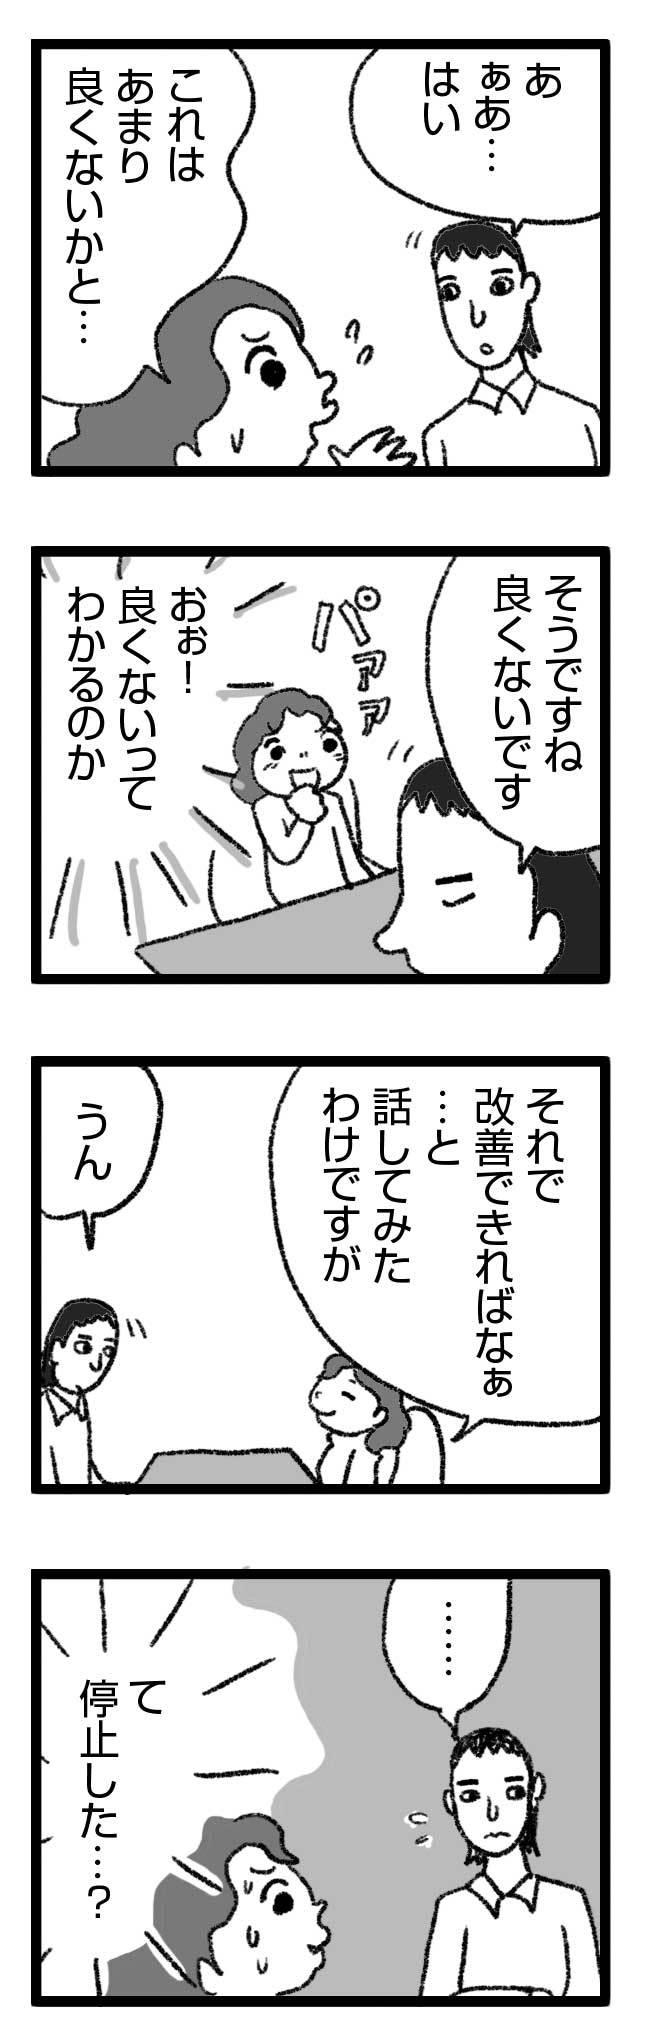 問題解決3 結婚 生活 話し合い 話 漫画 マンガ まんが レス セックスレス プロポーズ